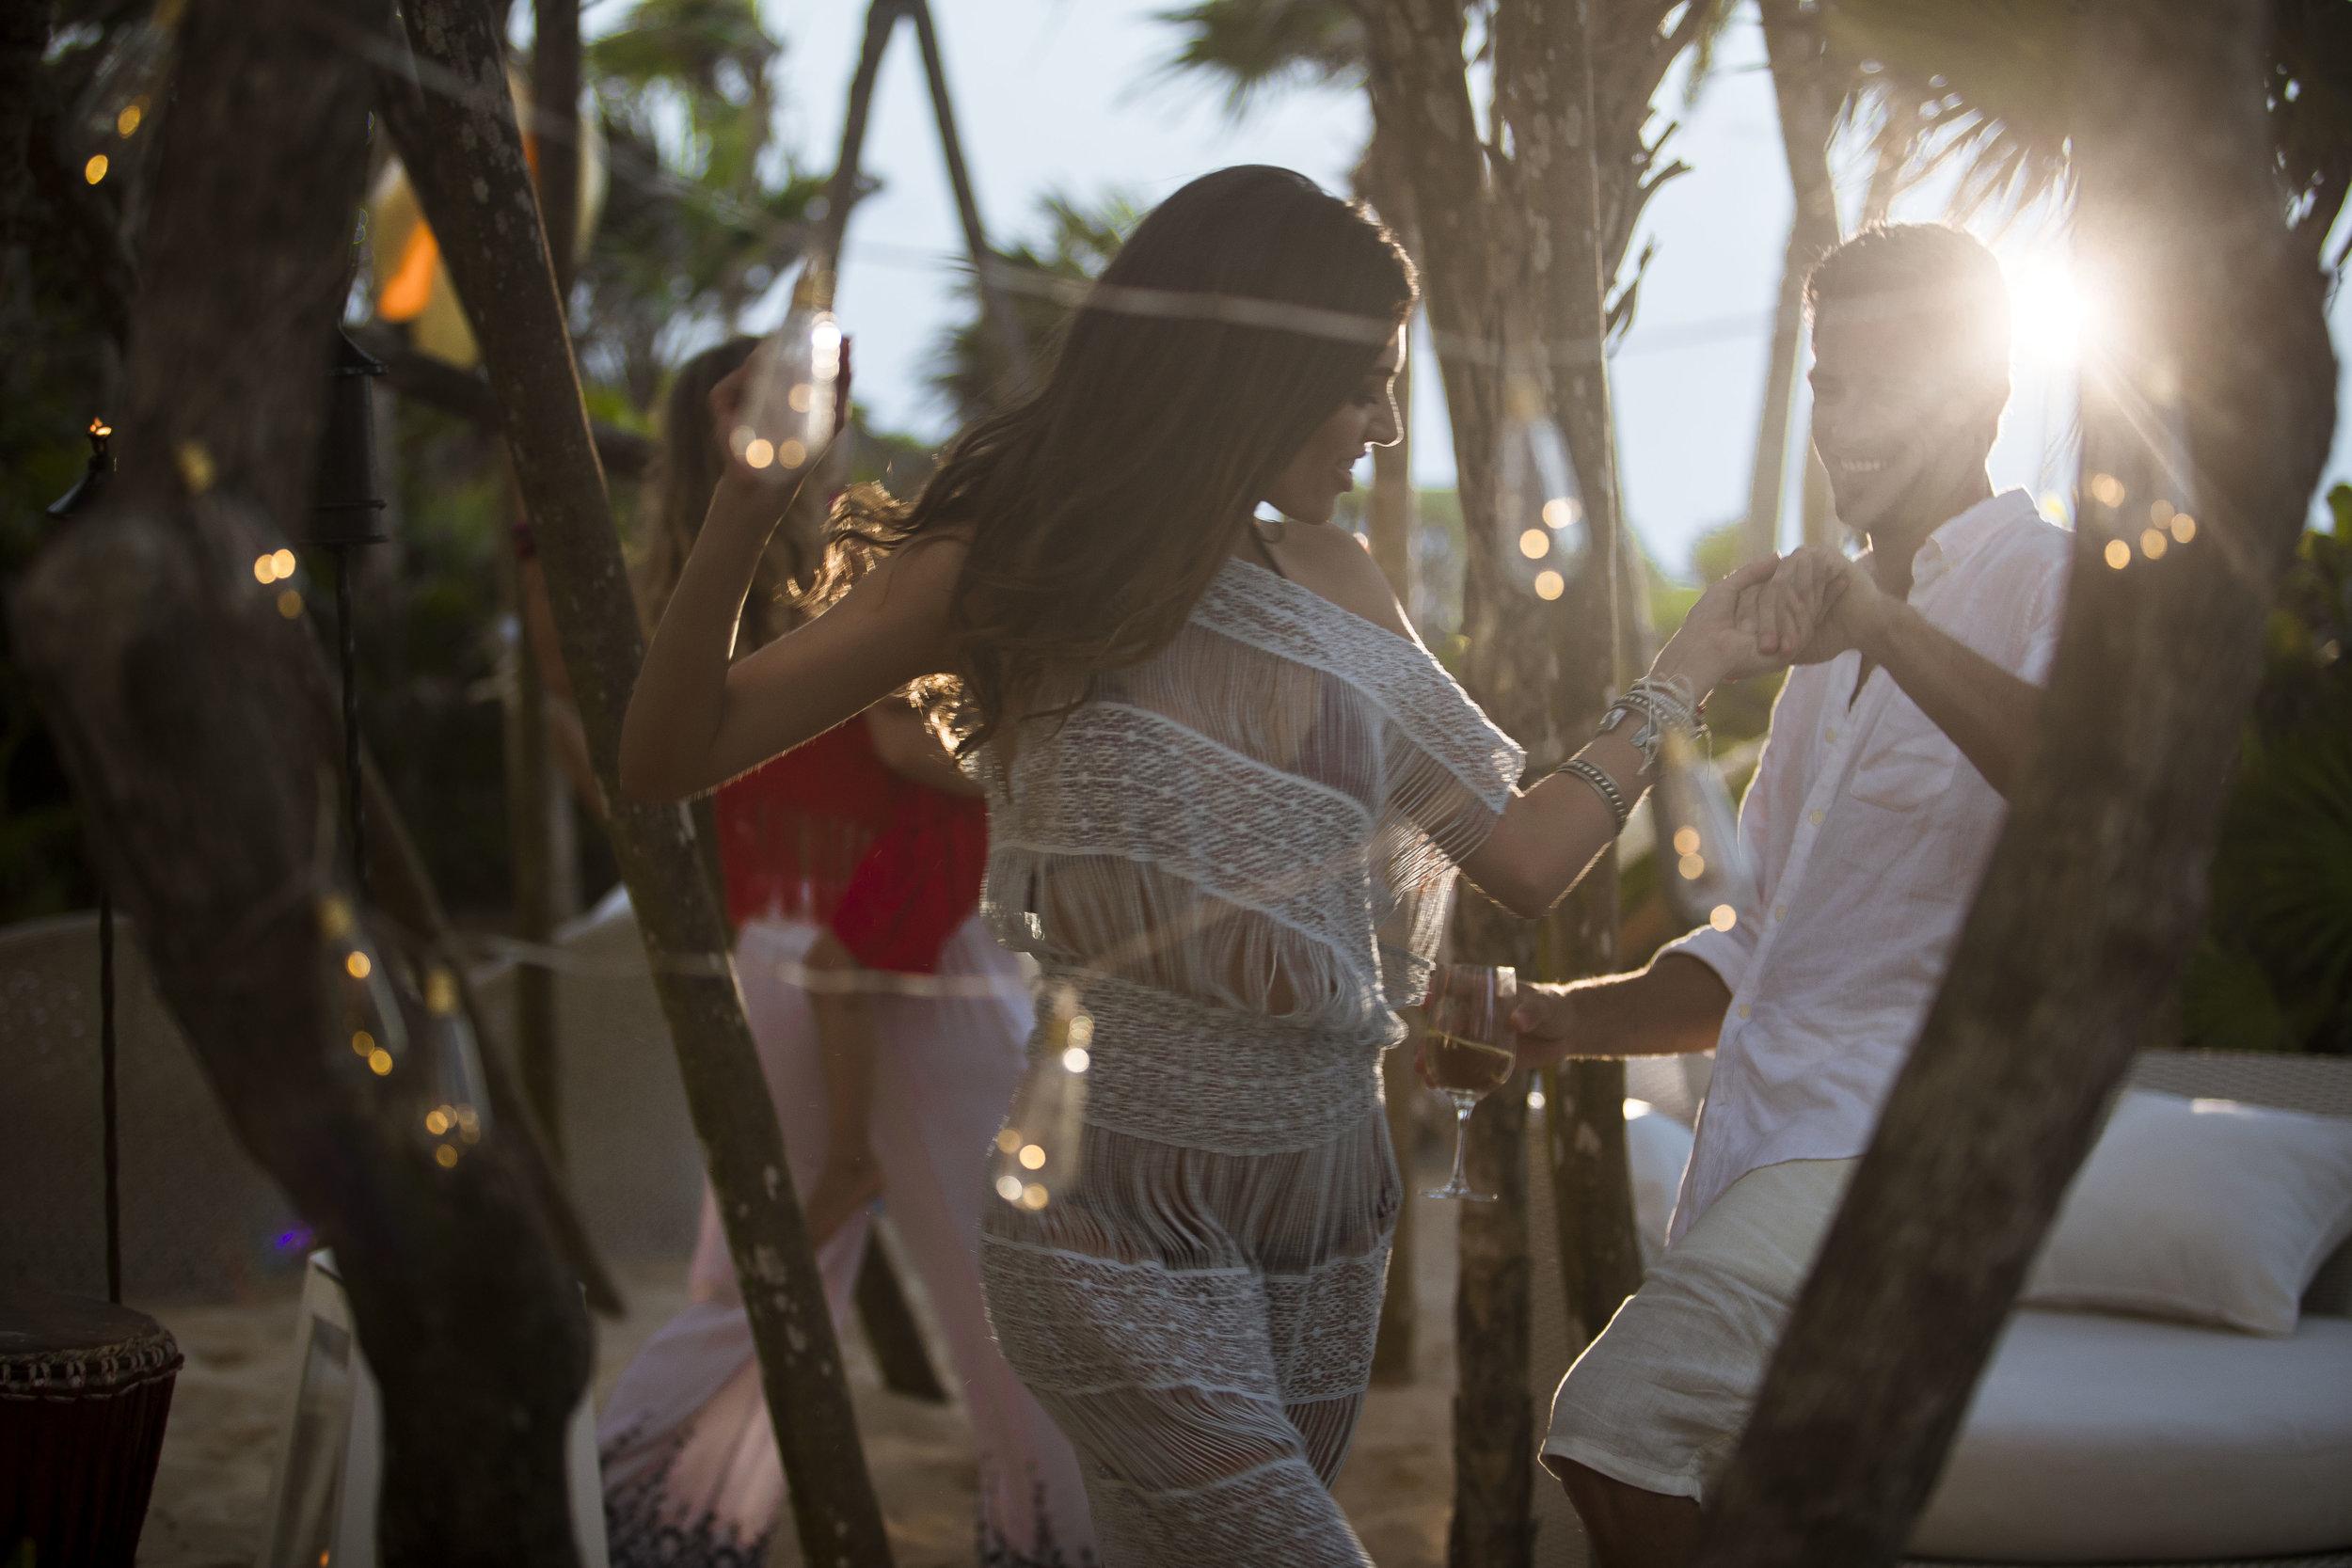 VID_RM_Beach_Party_Couple_Dance.jpg